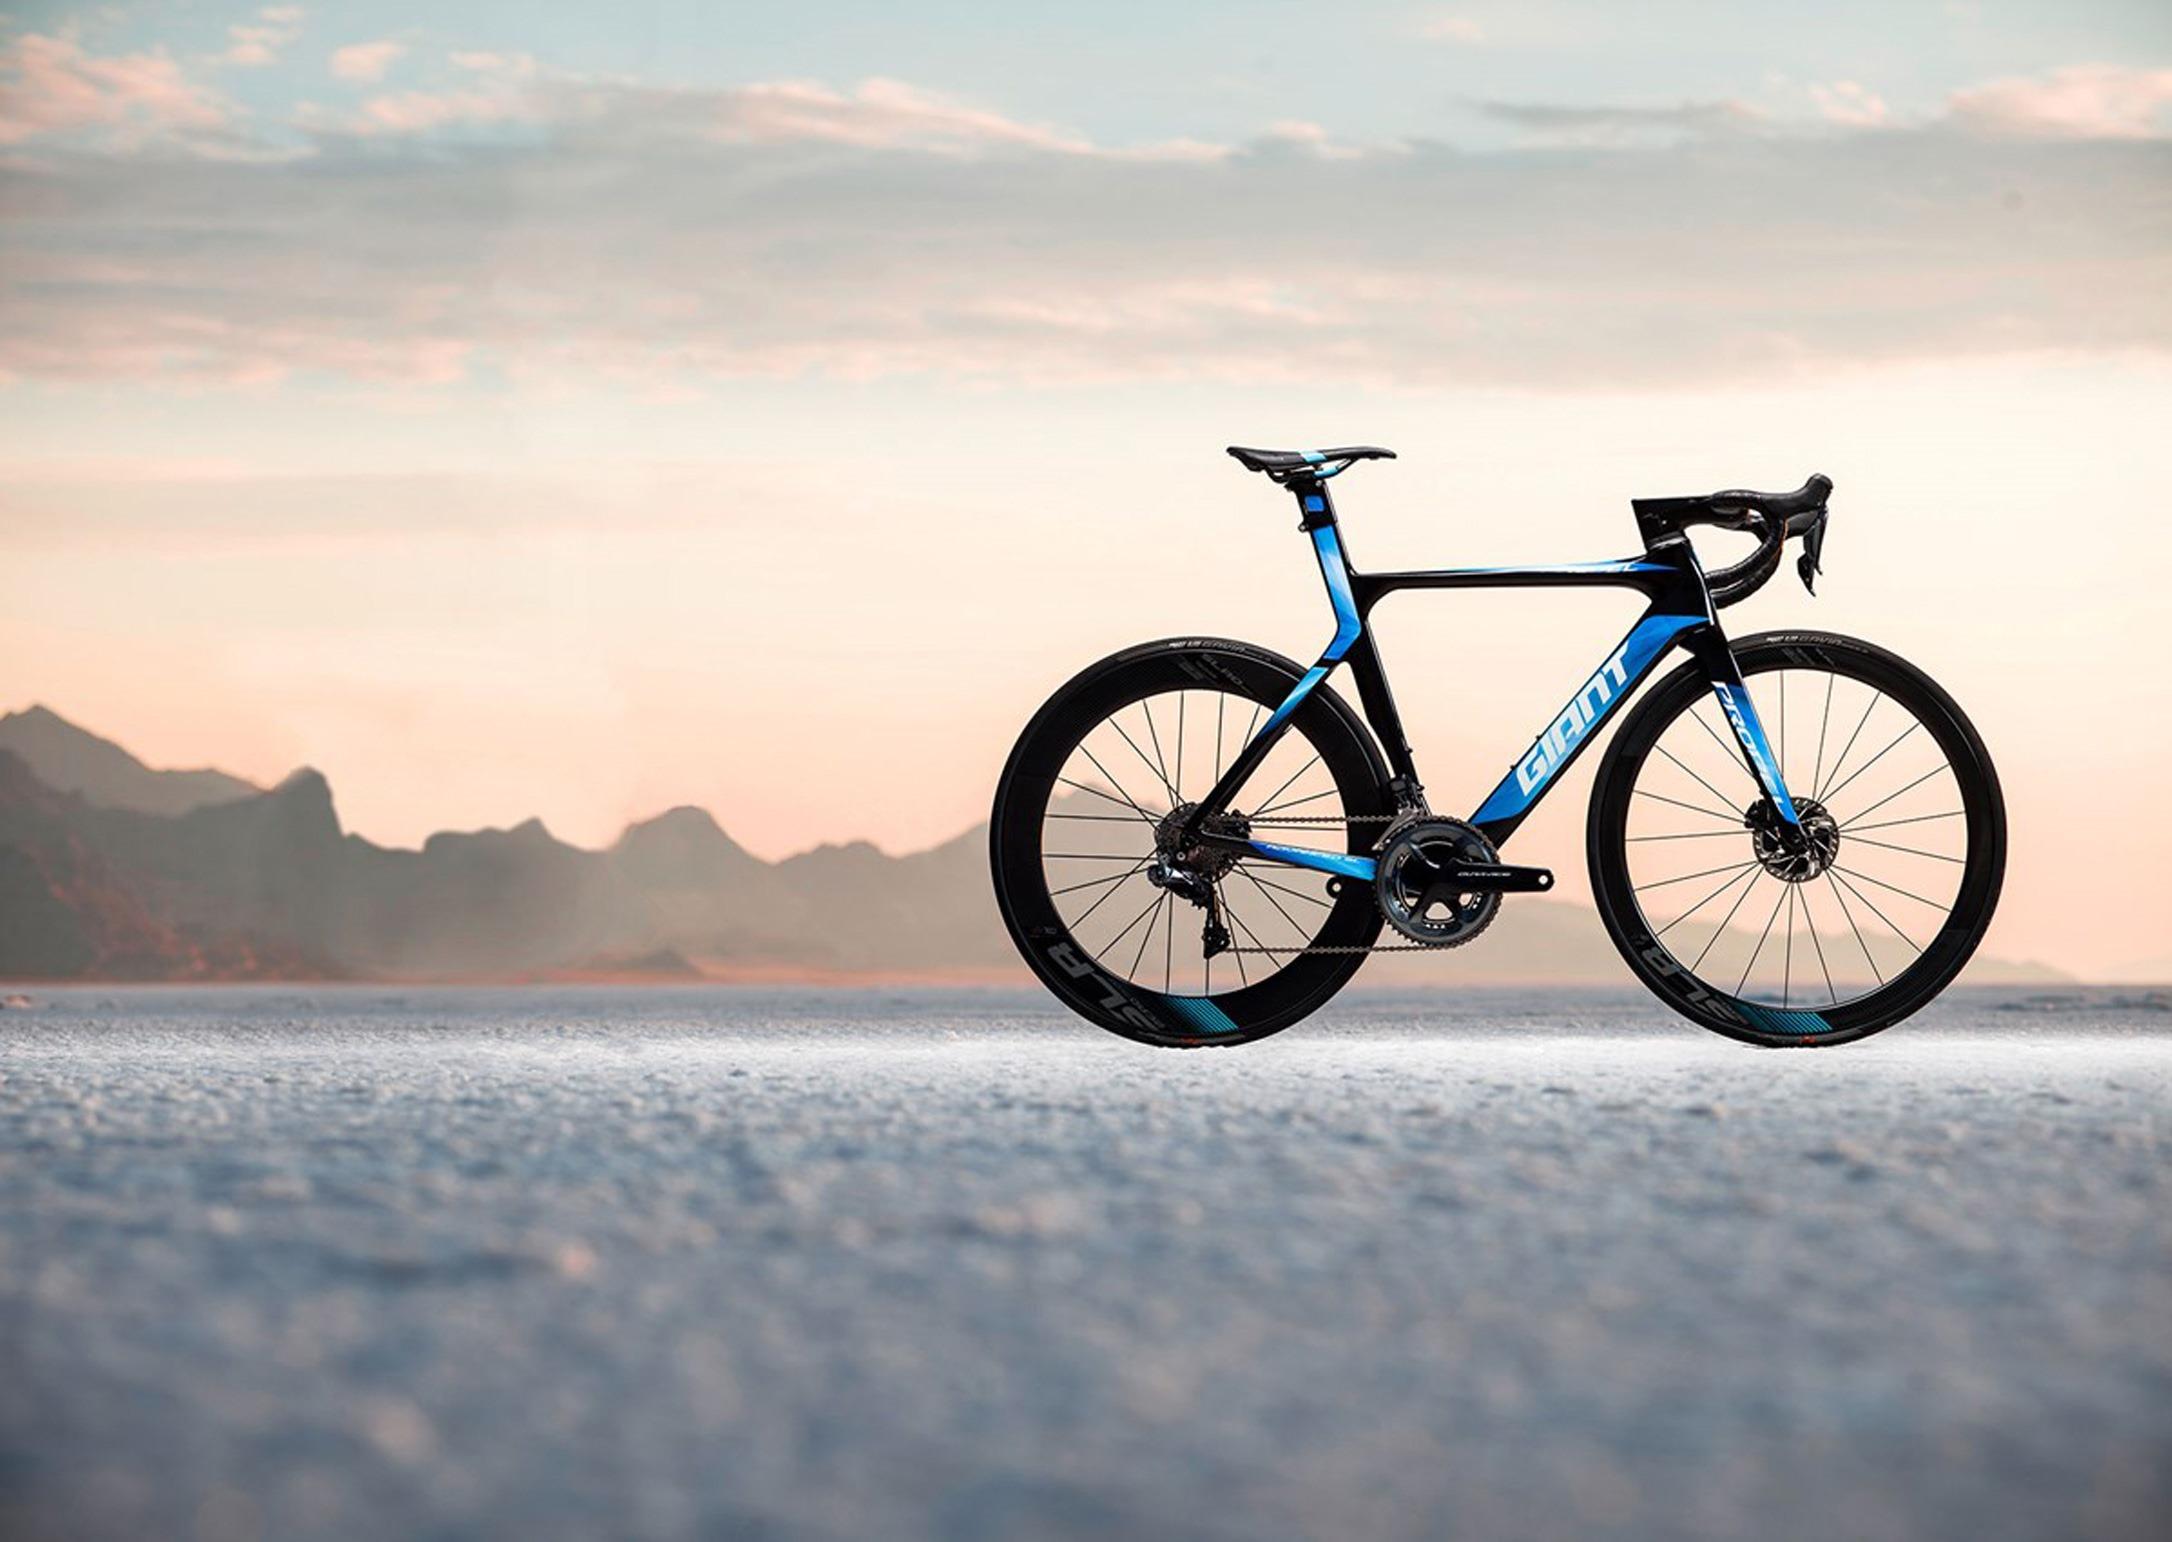 giant-road-bike-aero-road-bike-carbon-2